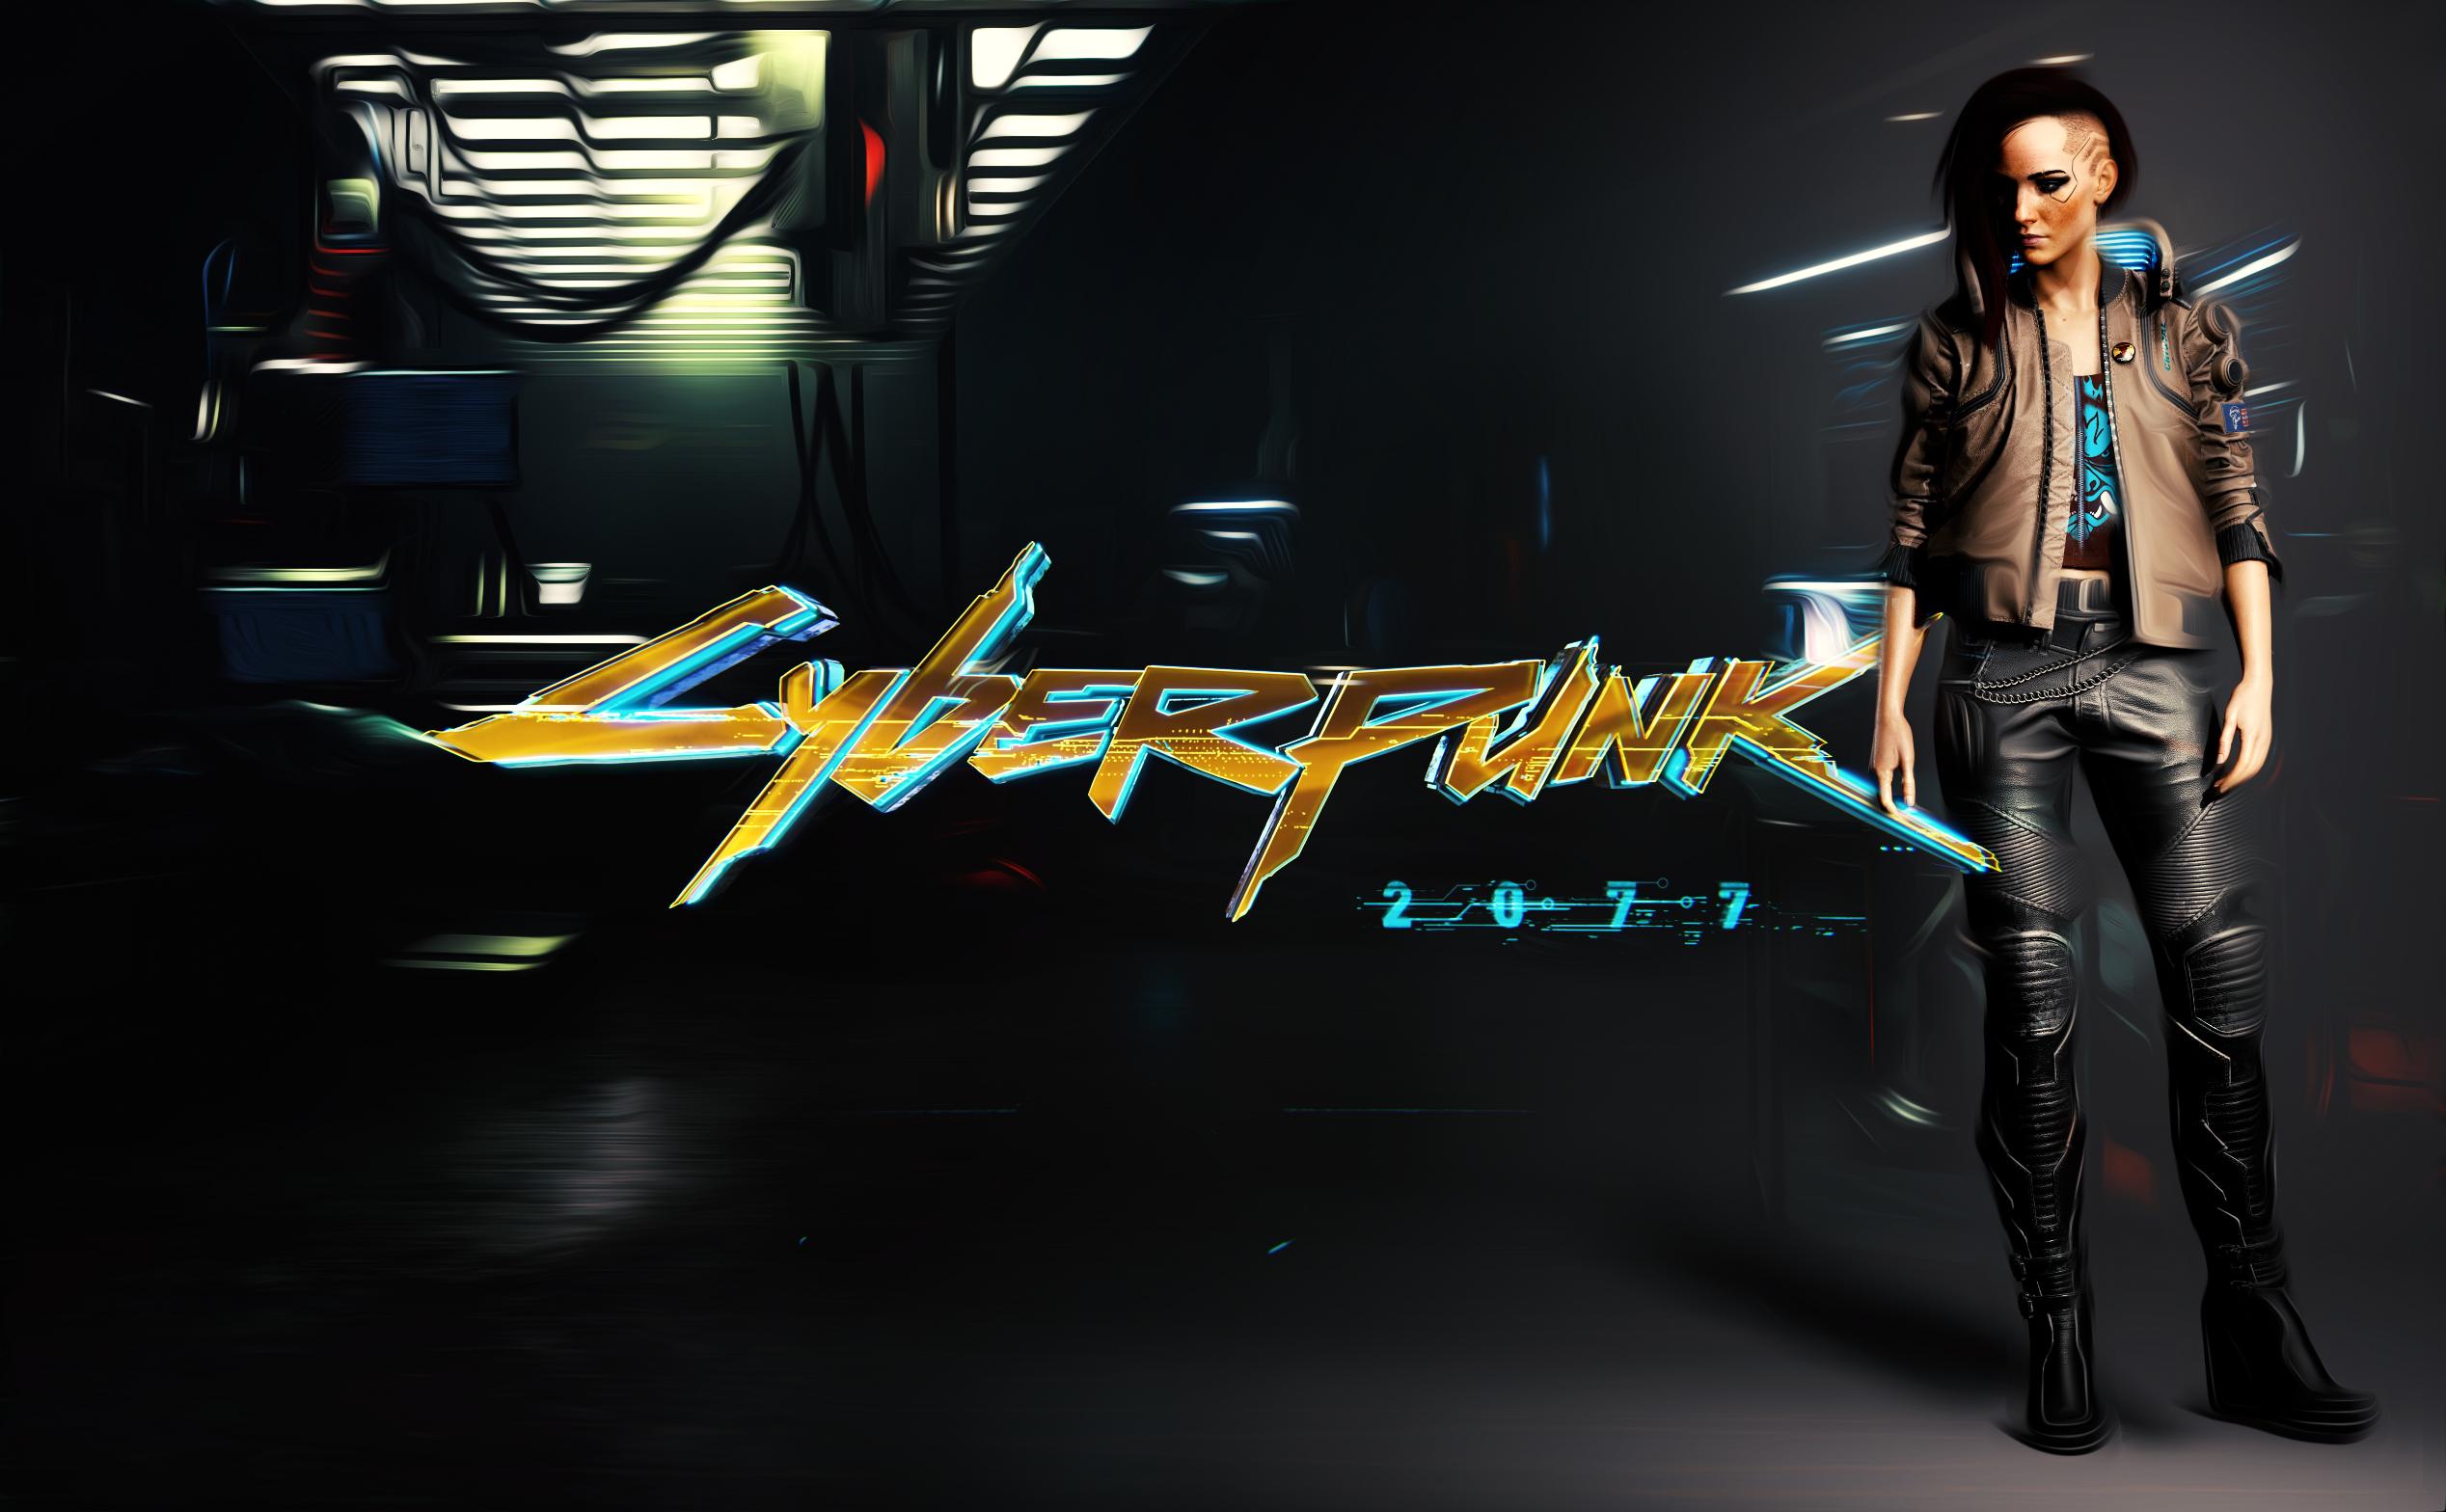 cyberpunk_2077.png - Cyberpunk 2077